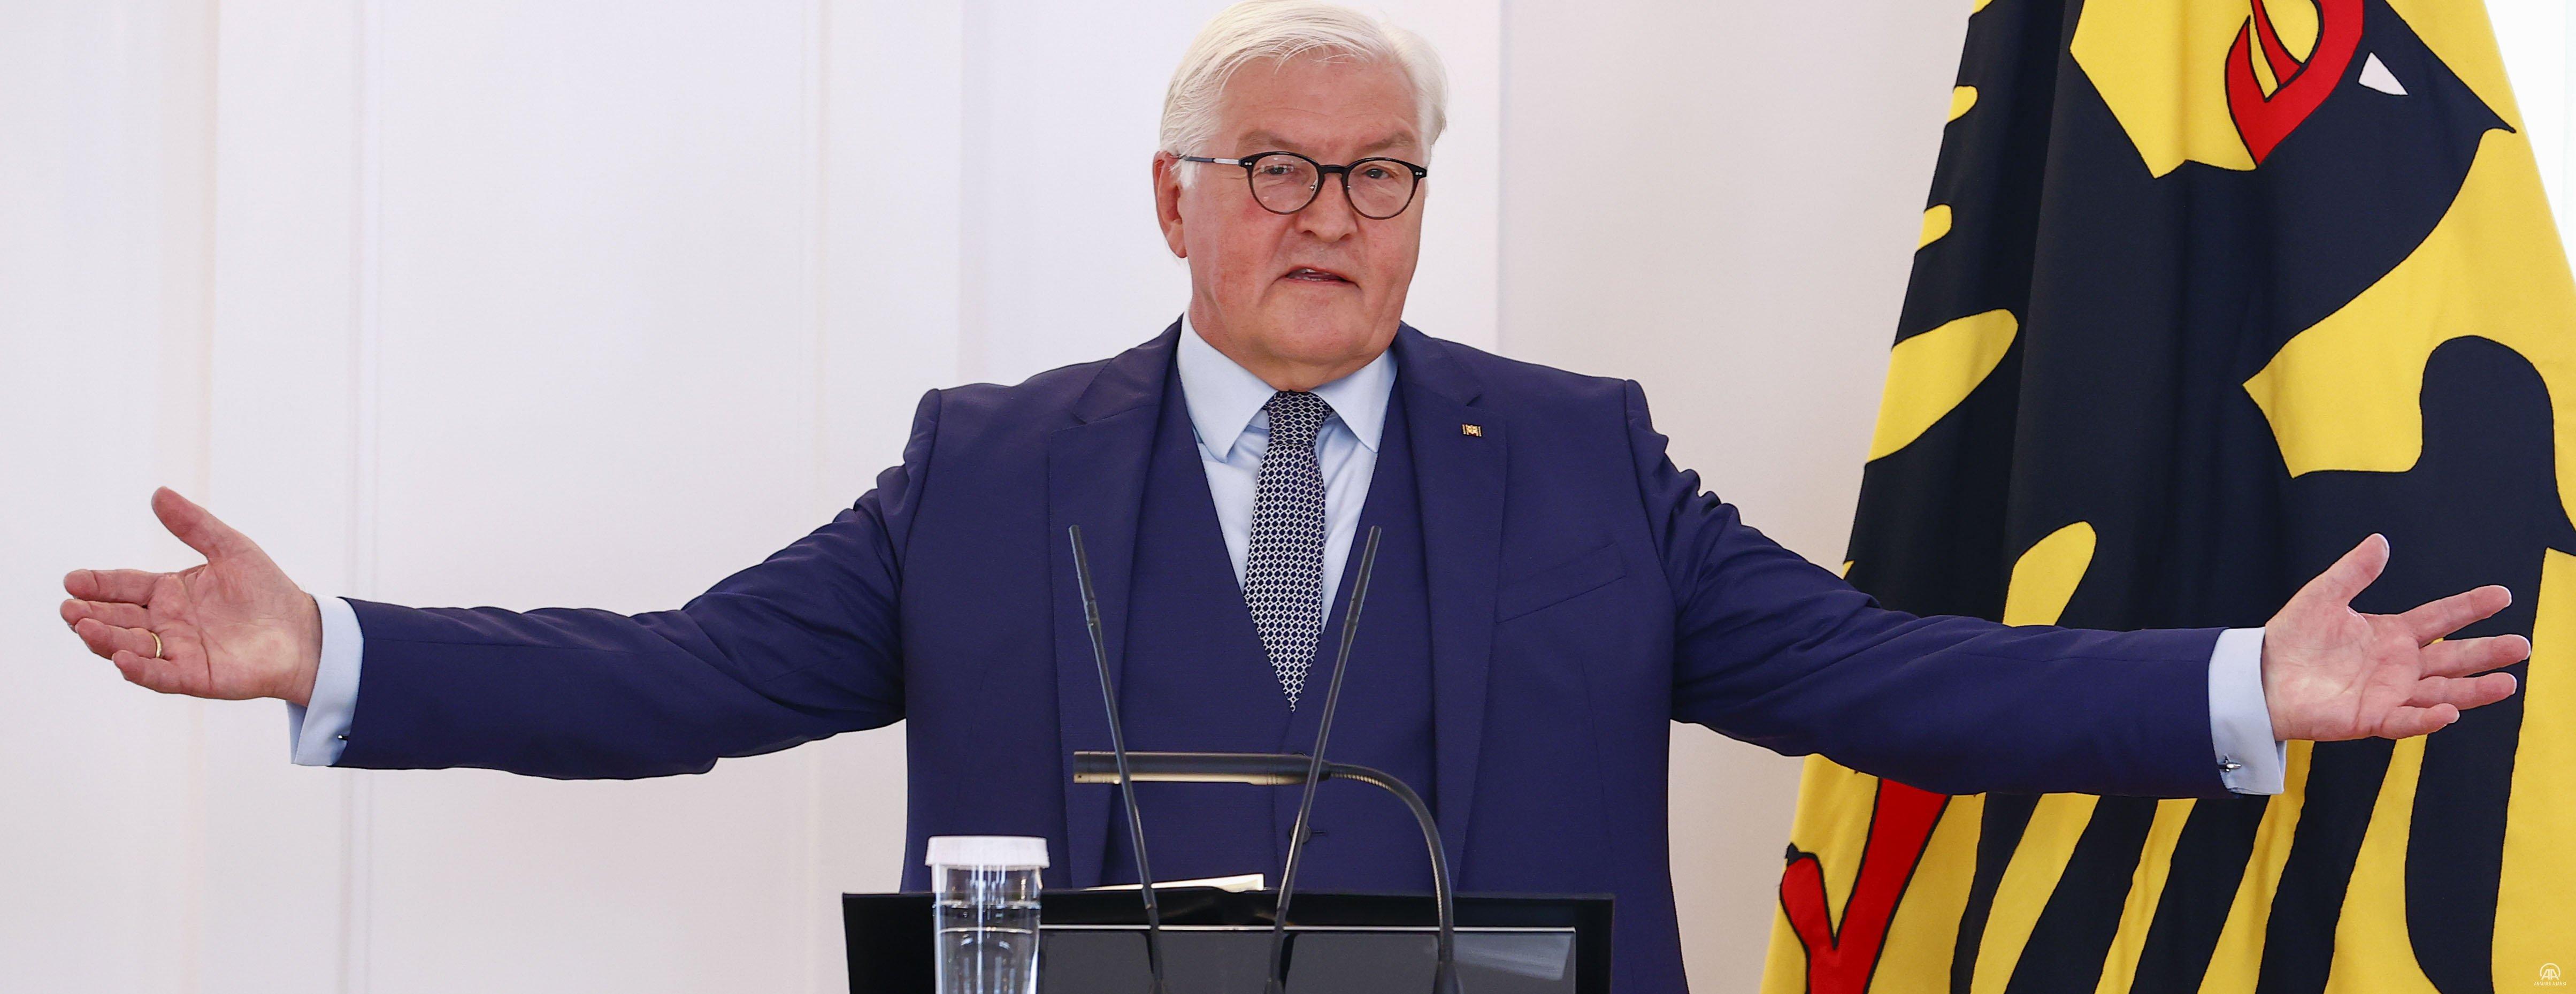 Alamanya Cumhurbaşkanı Steinmeier, göçün 60. yıl dönümü vesilesiyle Türkleri kabul etti